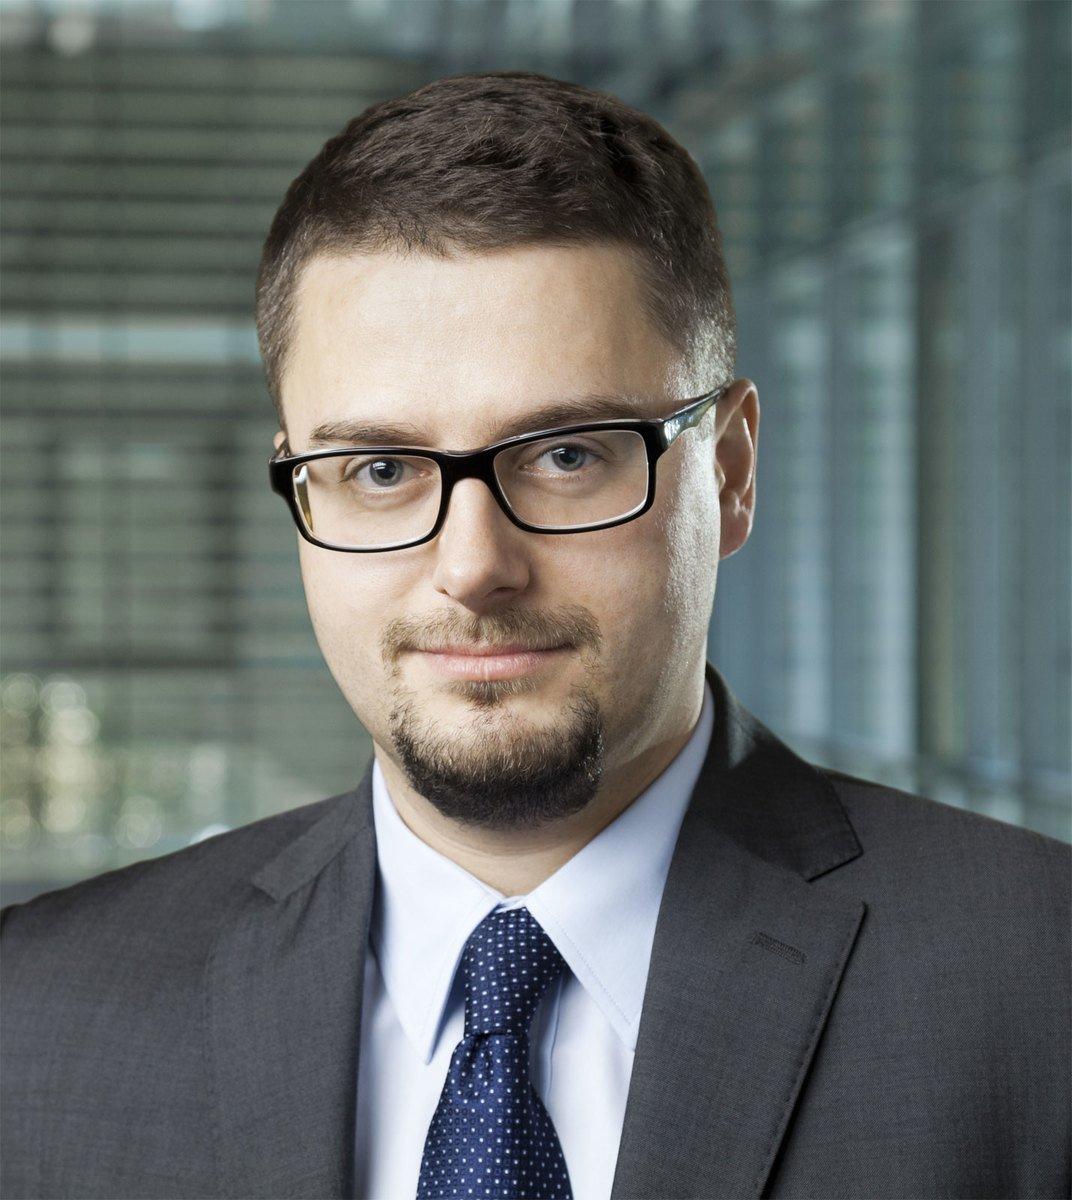 Paweł Szramowski, Alex T. Great